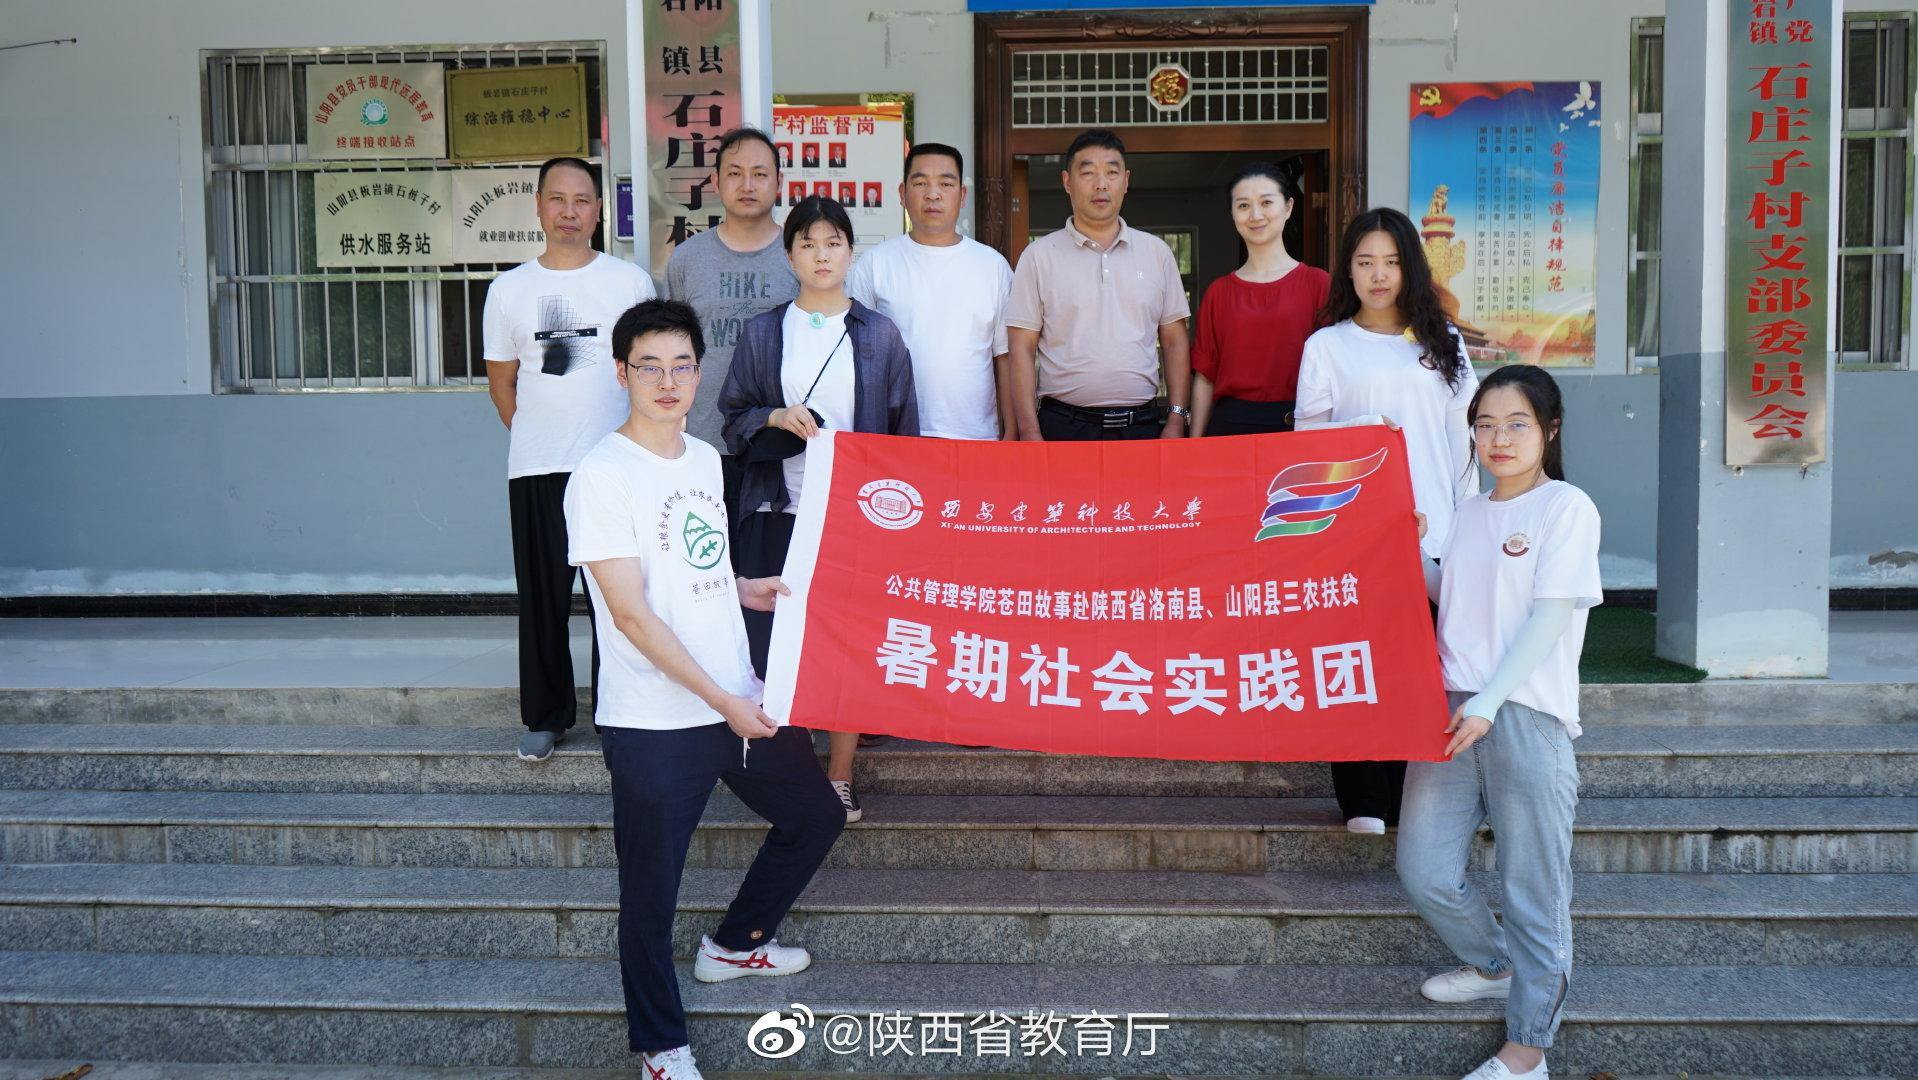 西安建大赴商洛市洛南县、山阳县开展三农扶贫活动